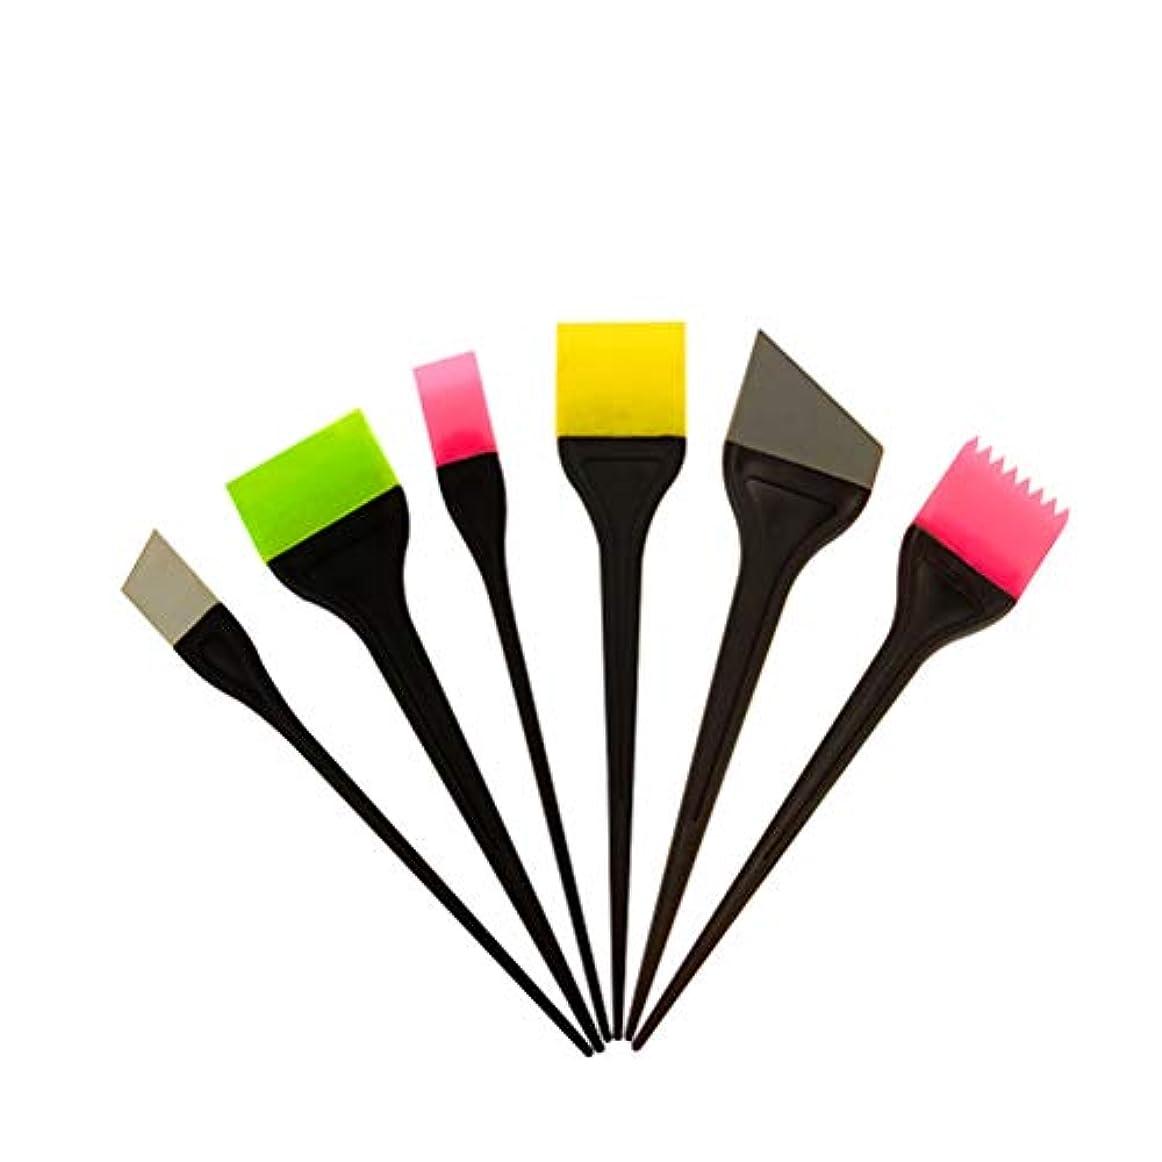 突然幾何学先Frcolor ヘアダイブラシ ヘアカラー 毛染め シリコン製 ヘアダイコーム カラーリングブラシ 家庭用 美容師プロ用 6本セット(ランダム色)